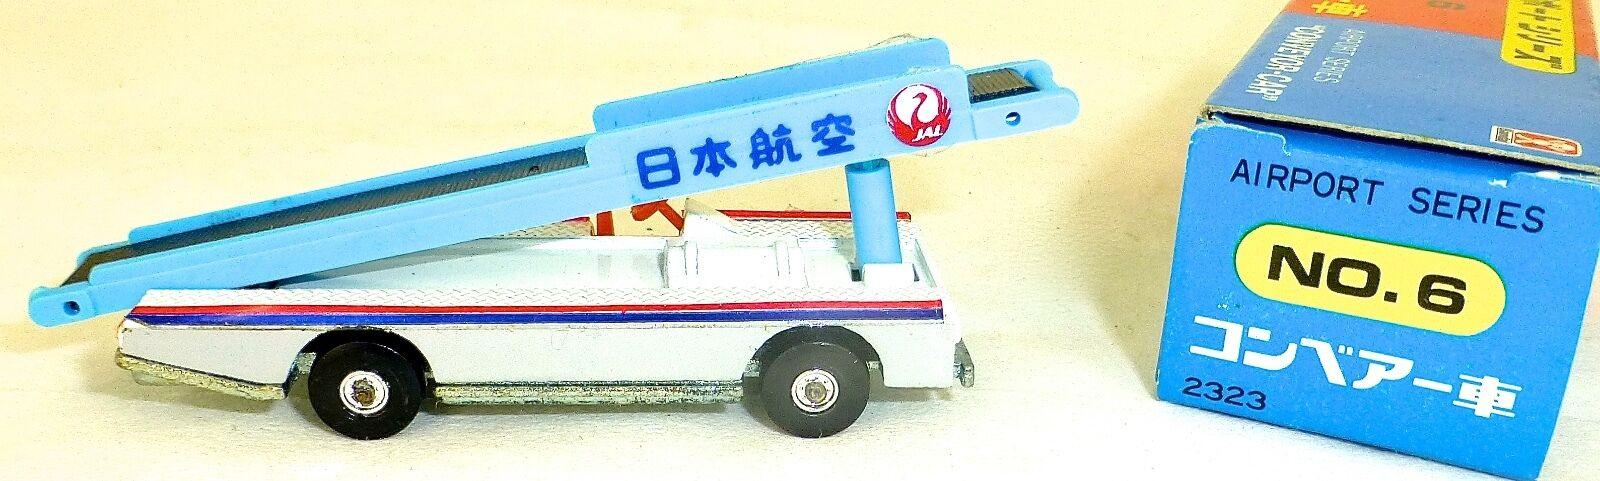 JAL Conveyor Car 1 120 BANDAI 2323 Airport Series No 6 OVP HB3 å